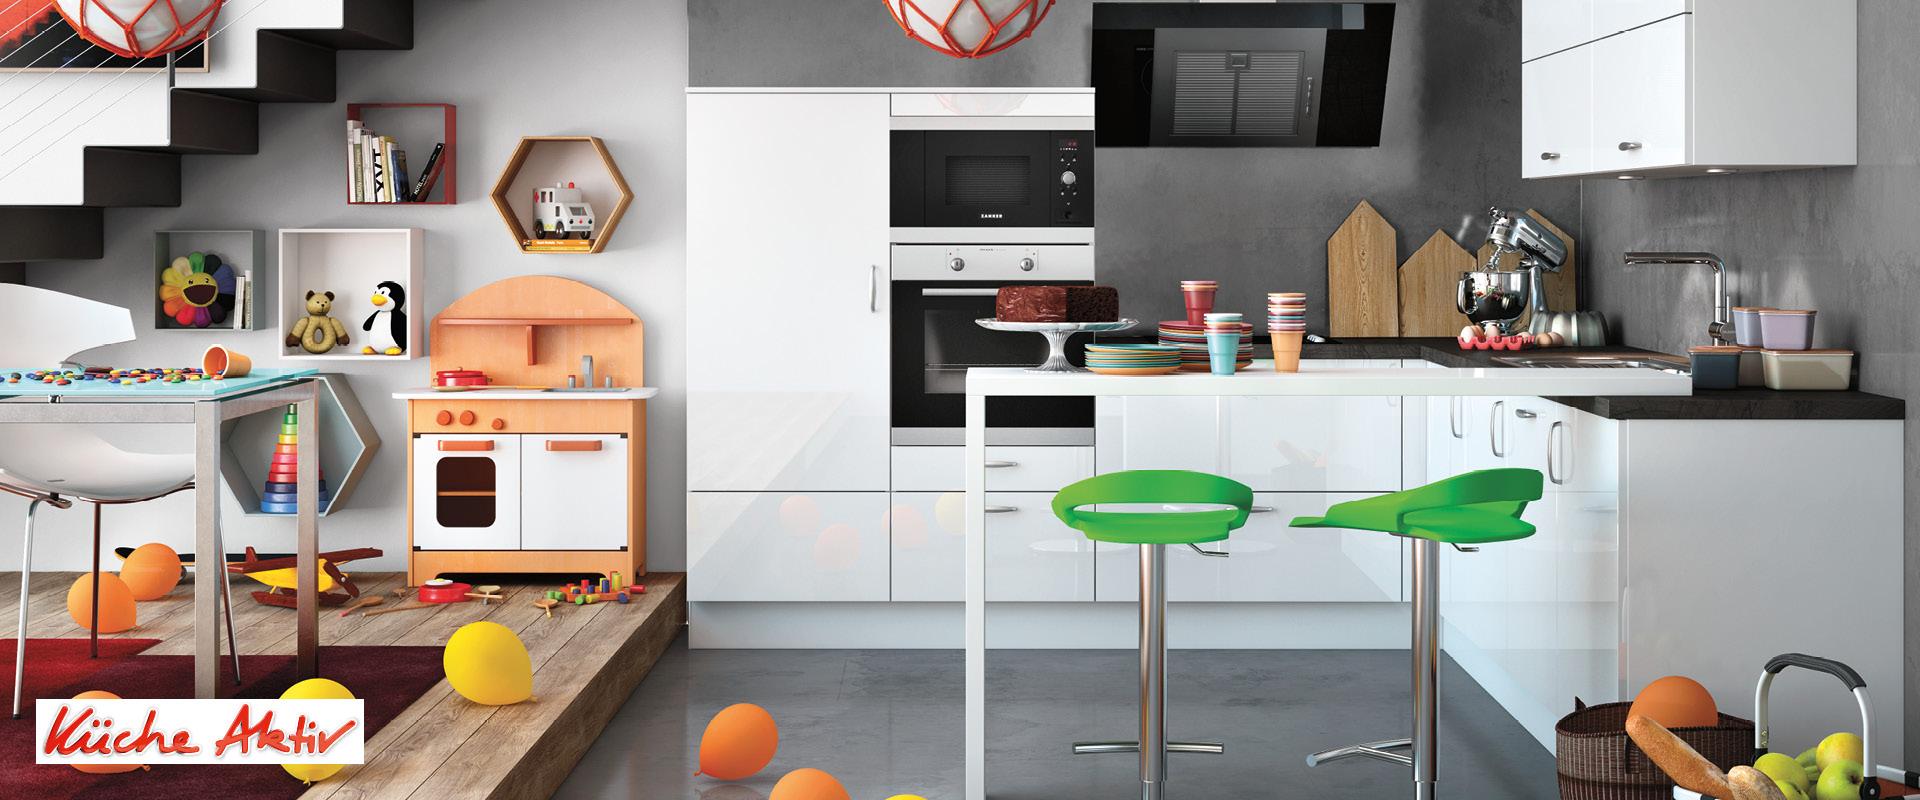 Full Size of Küche Zweifarbig Kchen Individuell Gestalten Kche Aktiv In Geldern Wandpaneel Glas Winkel Einzelschränke Kräutertopf Led Panel Treteimer Einbauküche Weiss Wohnzimmer Küche Zweifarbig